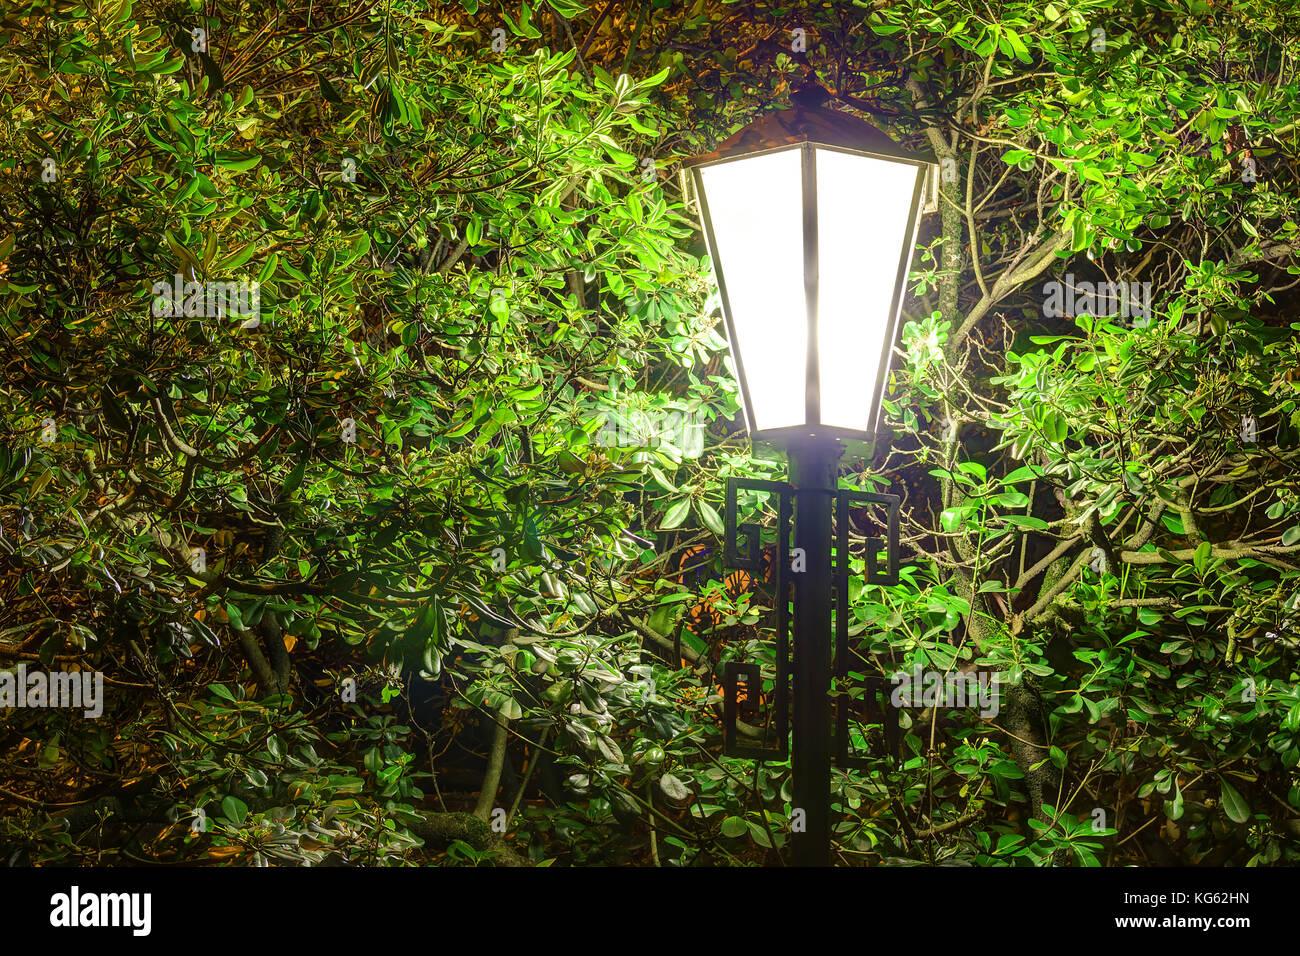 Calle la luz luminosa en el fondo del follaje del árbol de magnolia en la noche Imagen De Stock